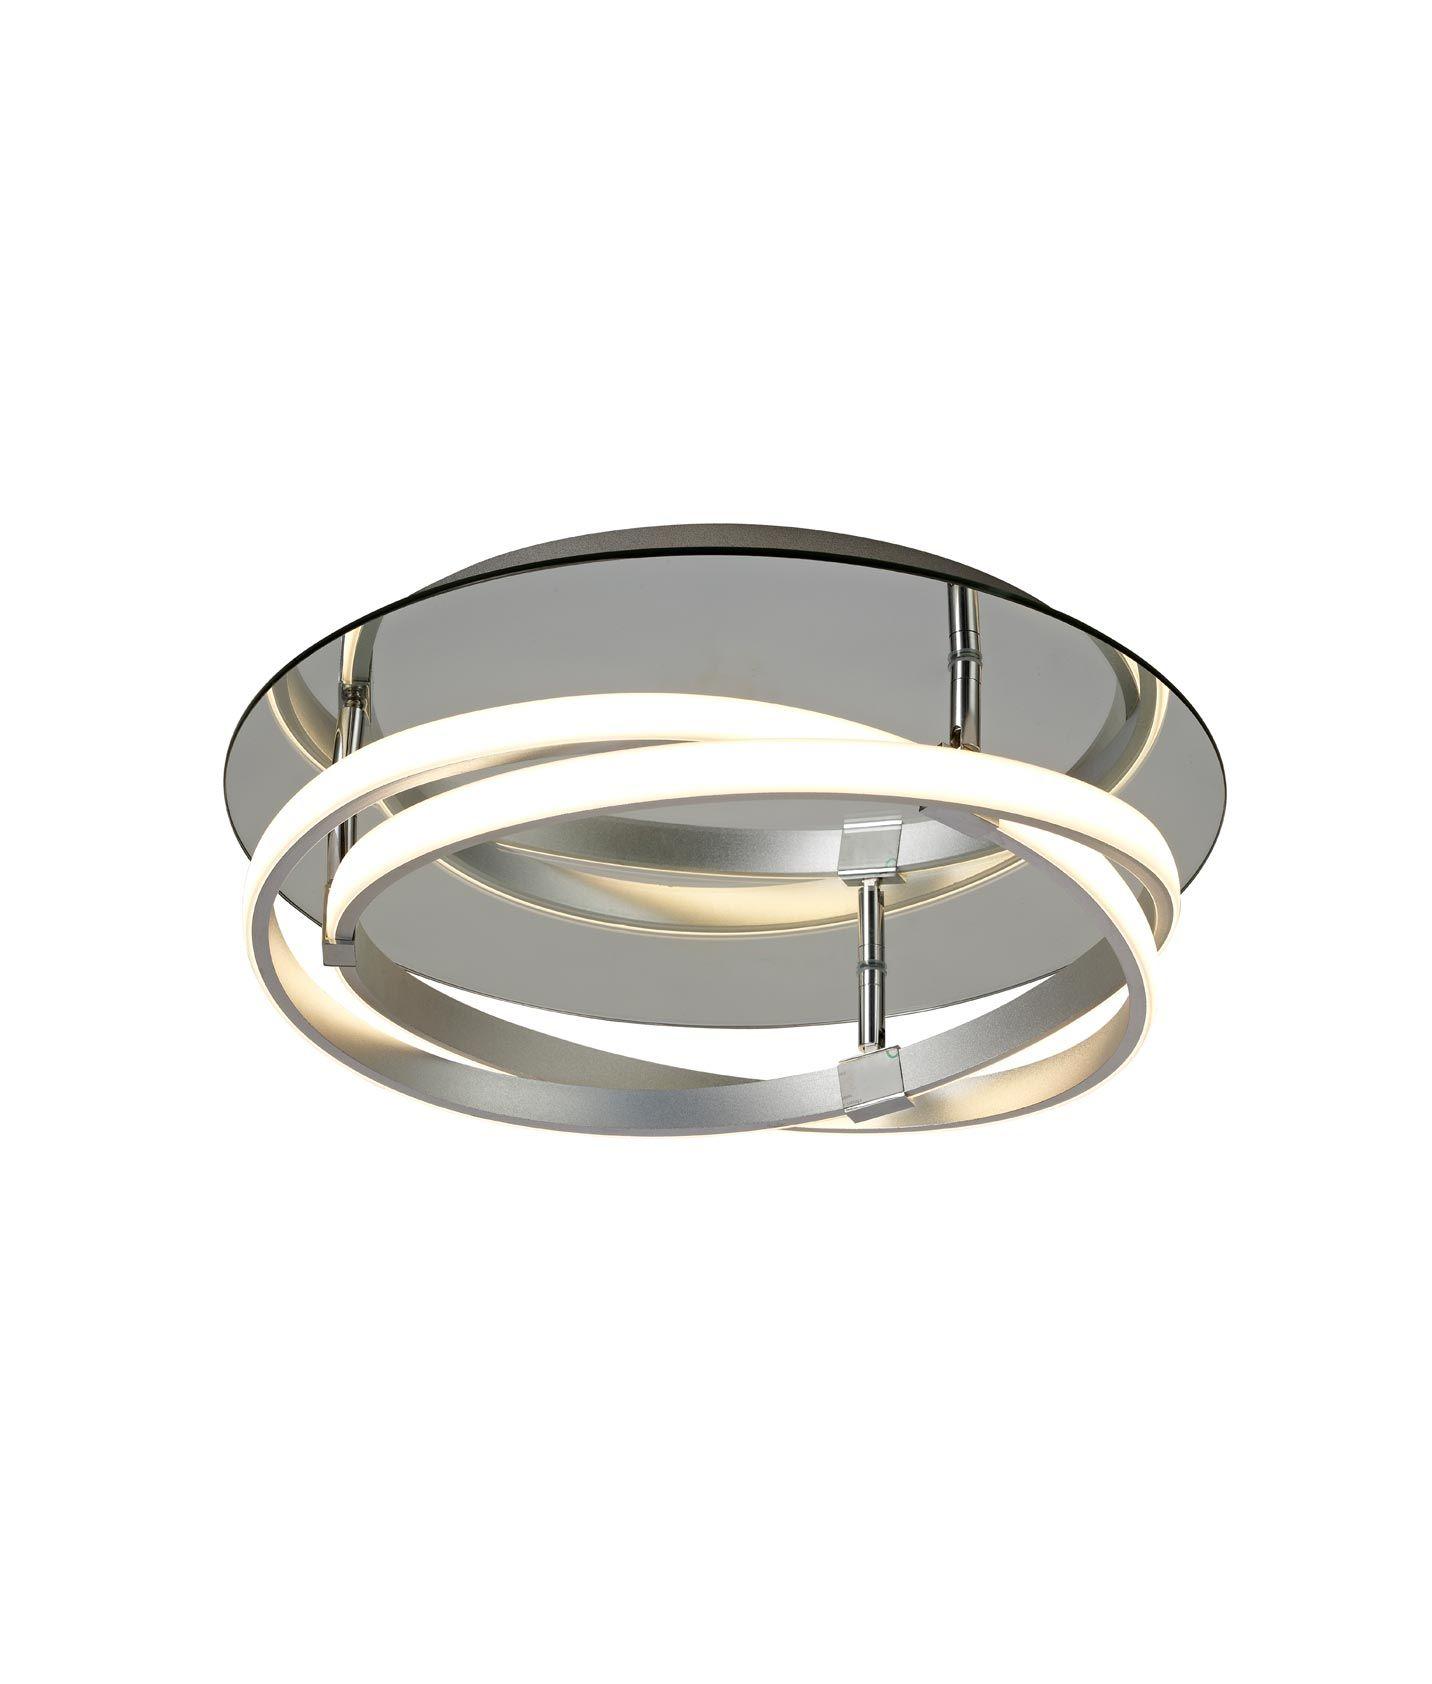 Lámparas de techo modernas INFINITY LED